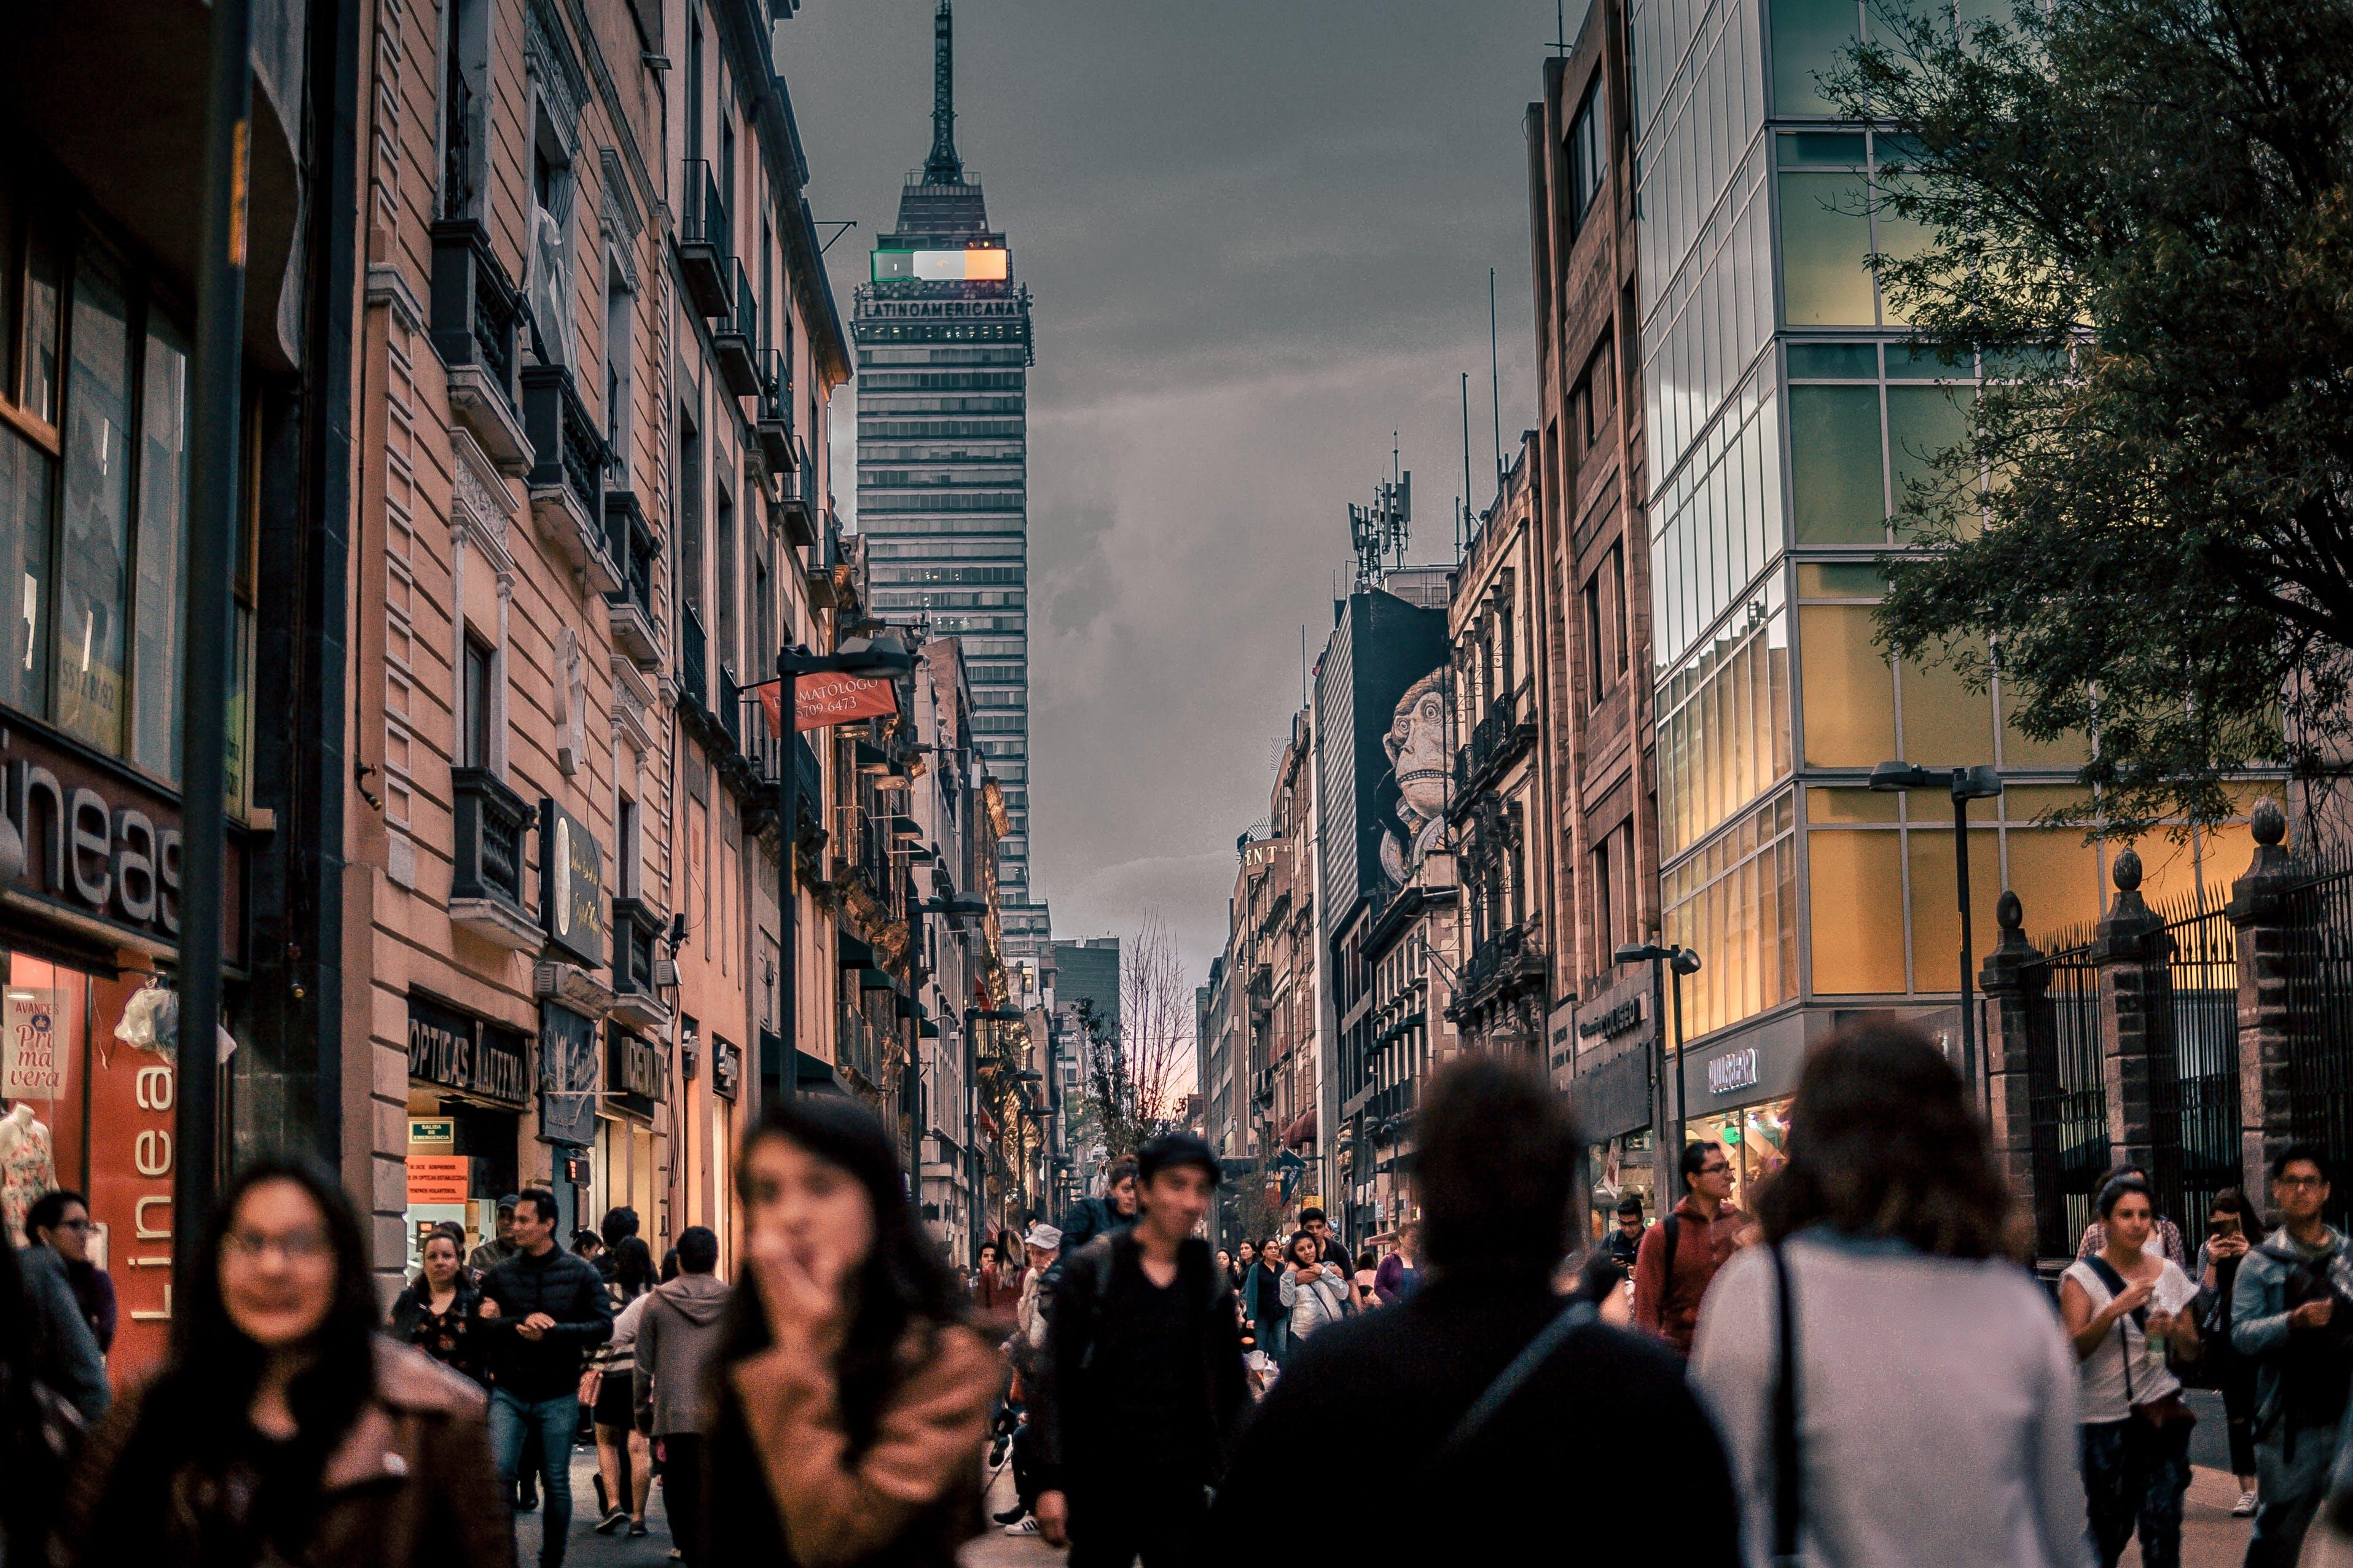 Personas caminando en una ciudad